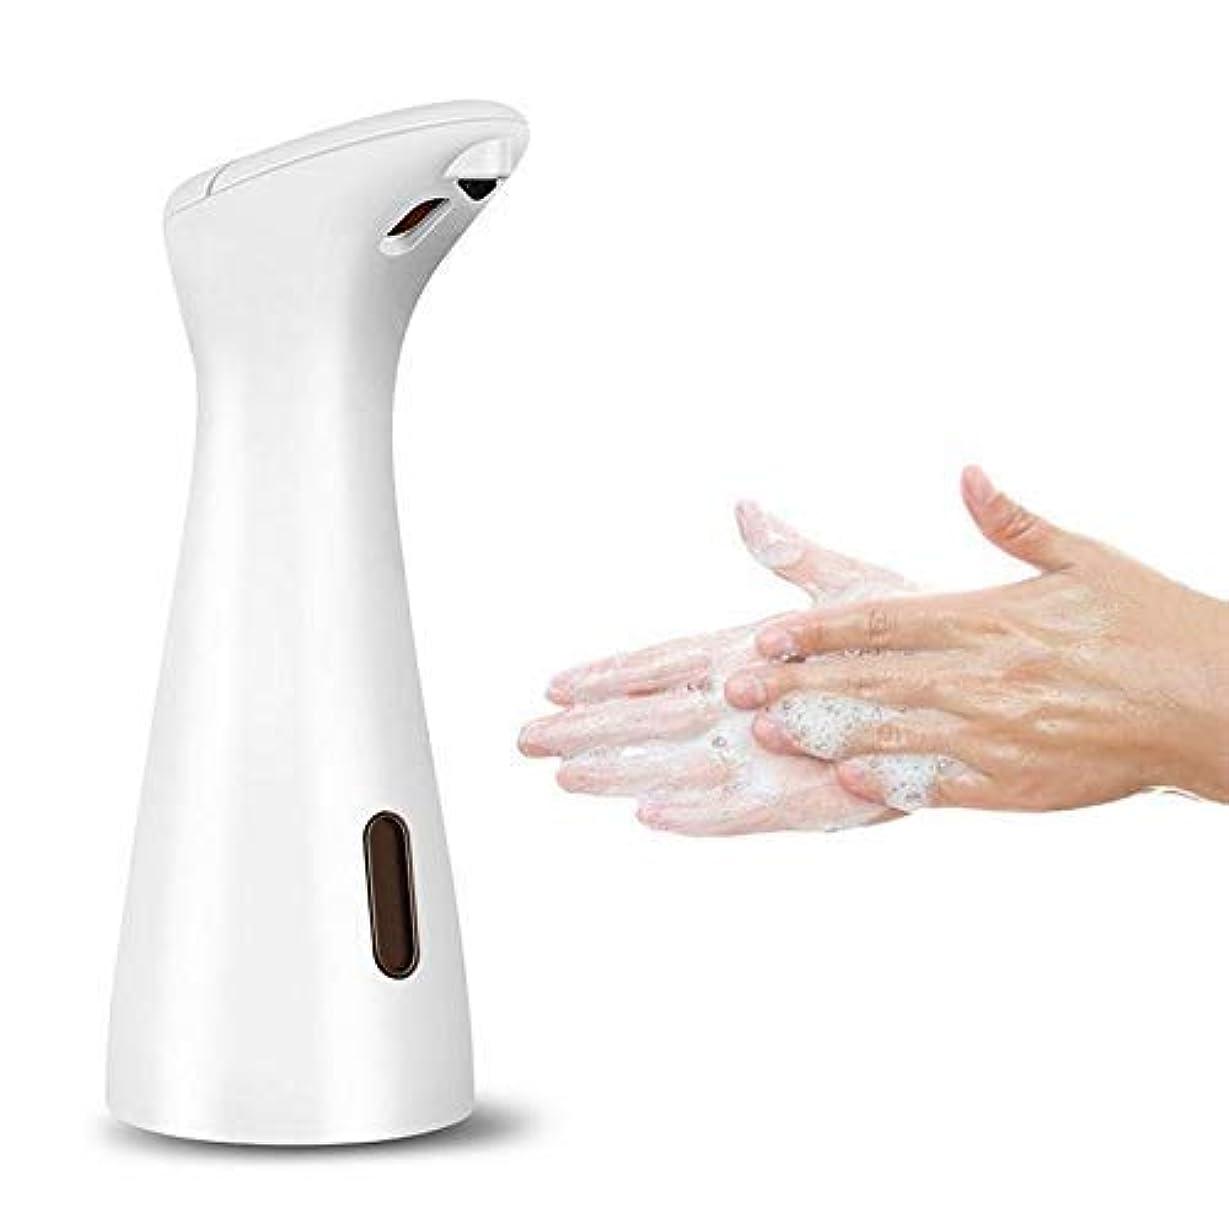 ホステス道路できない200ミリリットルabs自動誘導石鹸ディスペンサー赤外線ハンズフリーセパレーター付き浴室キッチン用